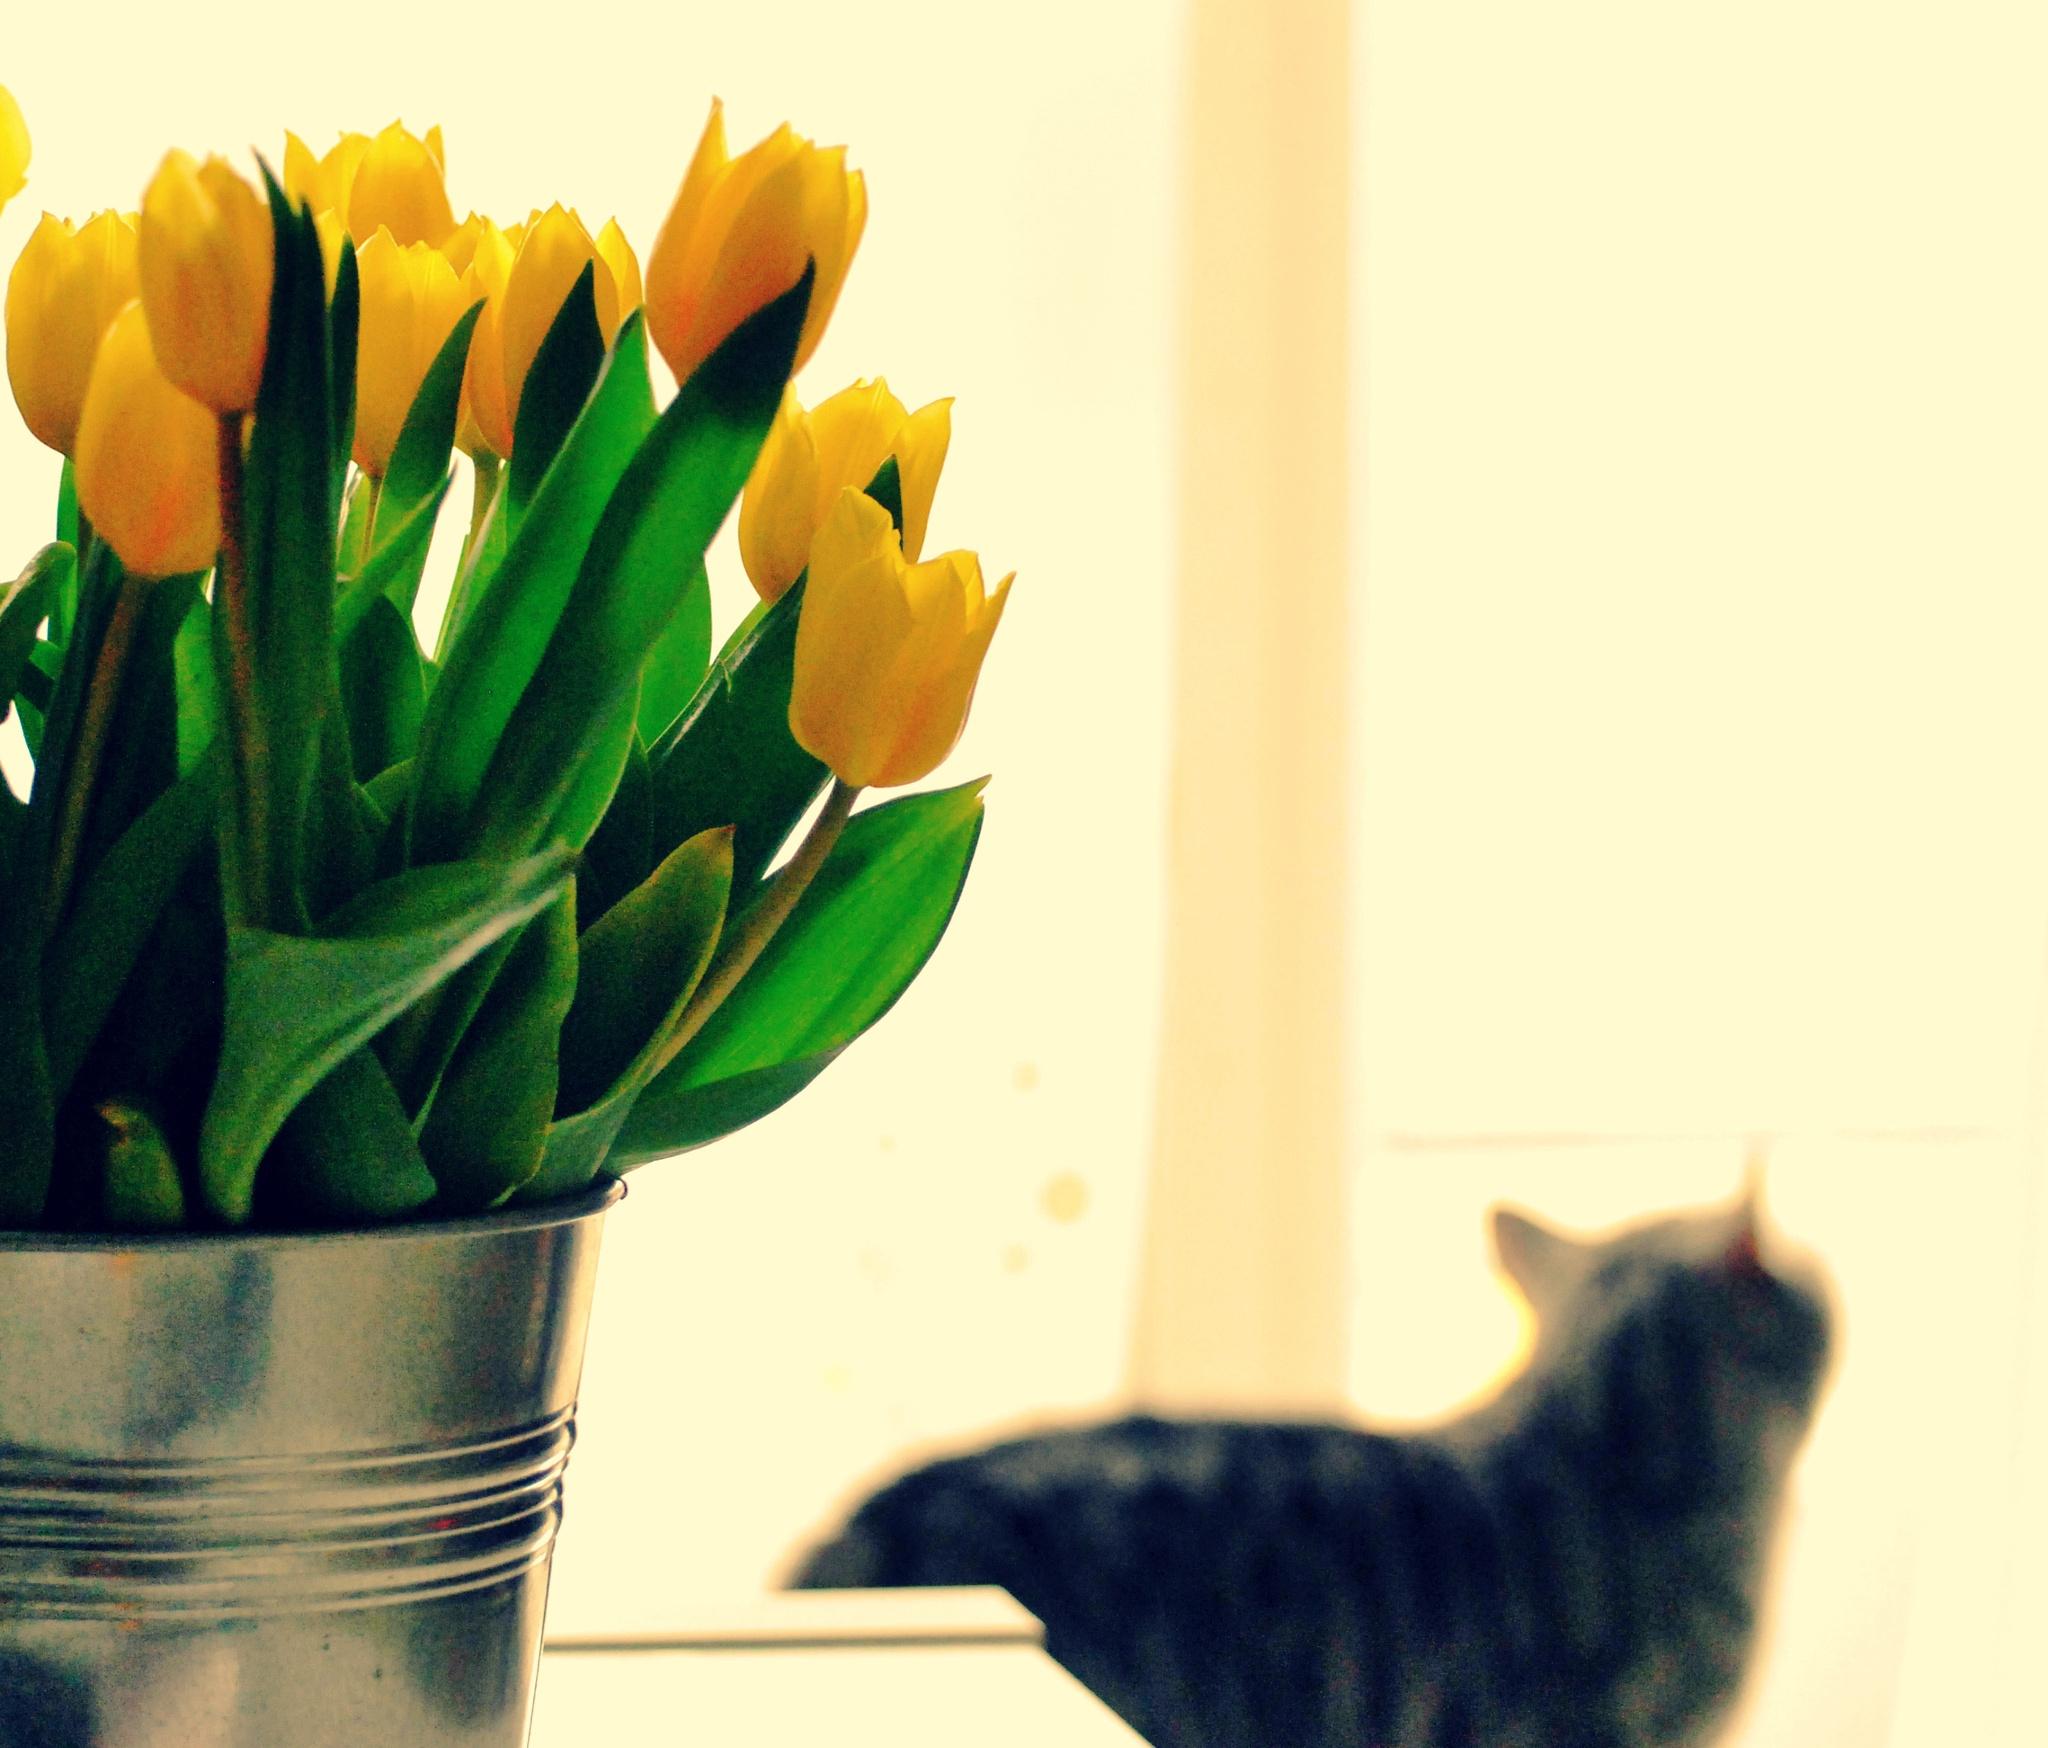 тюльпаны в ведре фото кастрюлю супом приходится